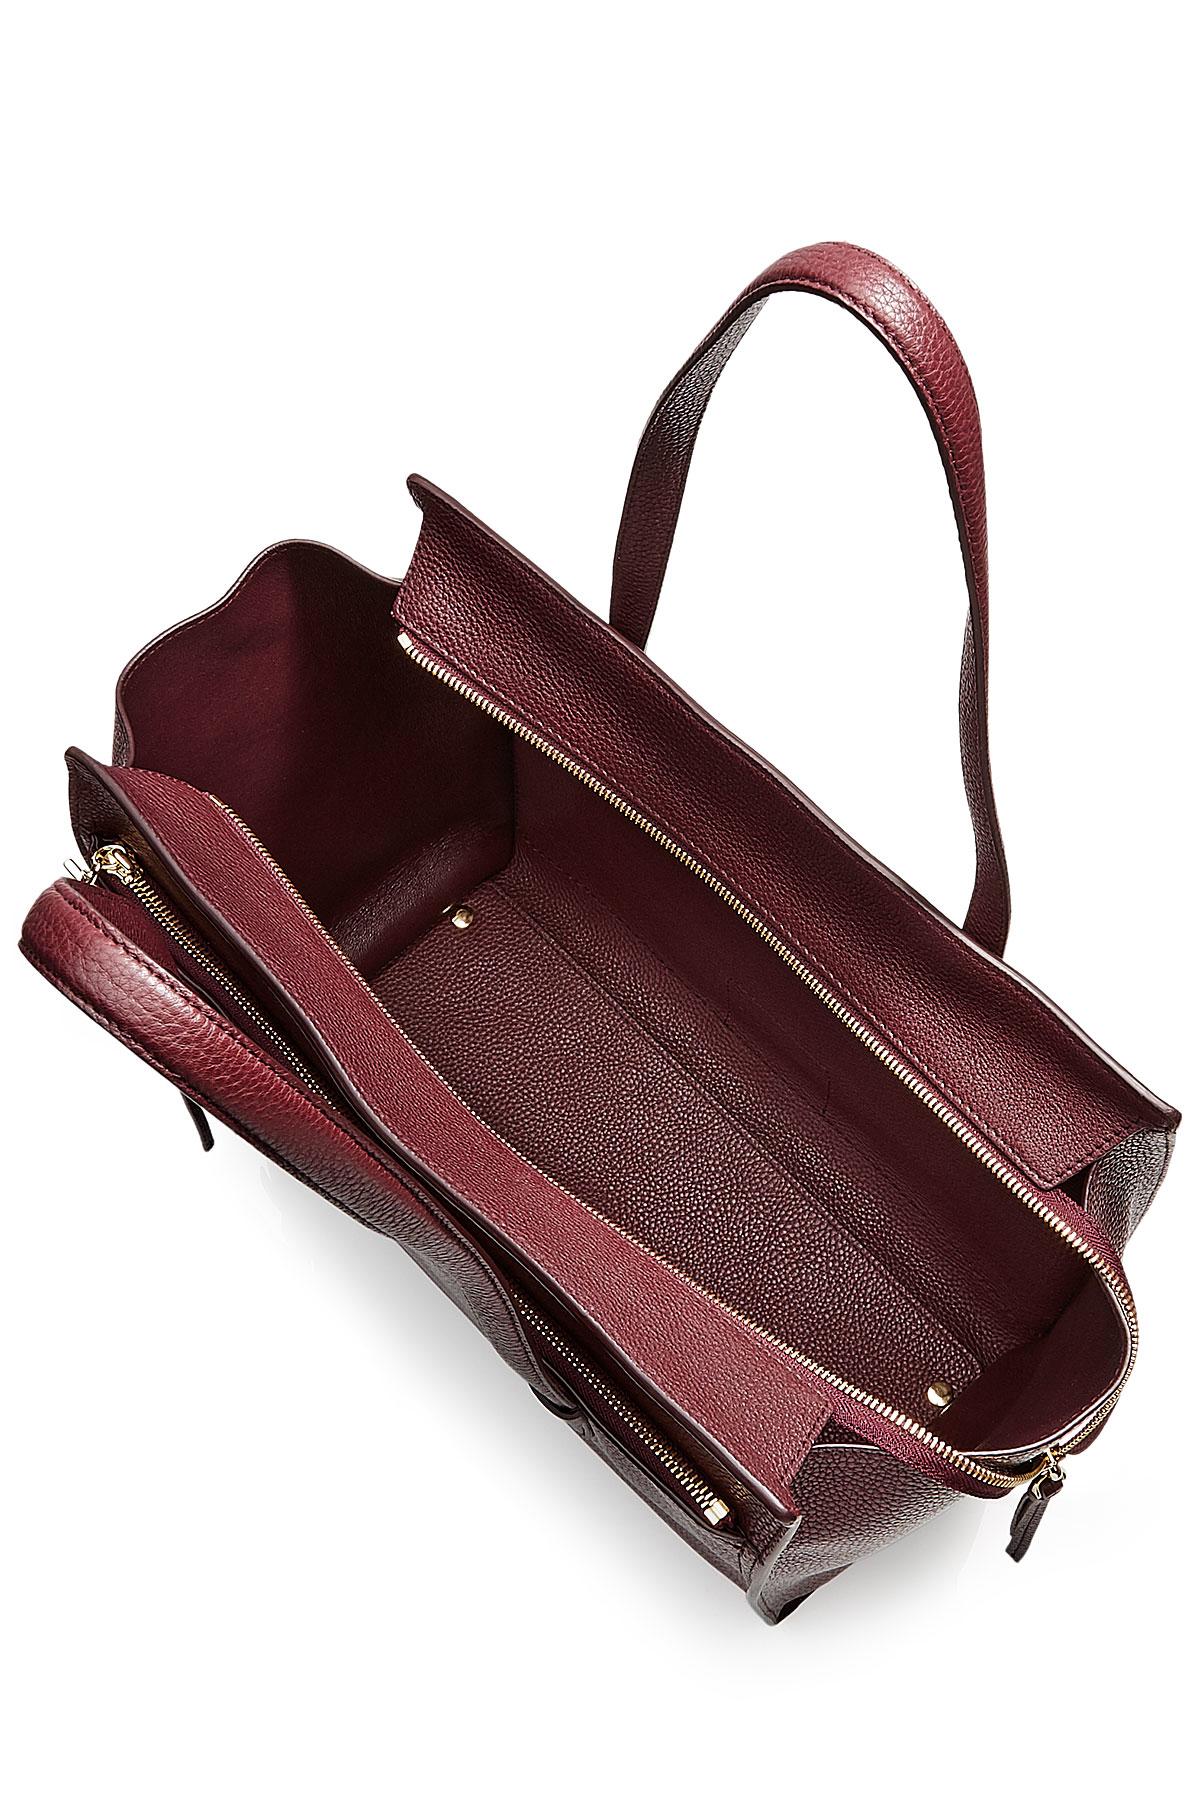 0da267a299c8 Lyst - Ferragamo Amy Large Leather Tote - Purple in Purple